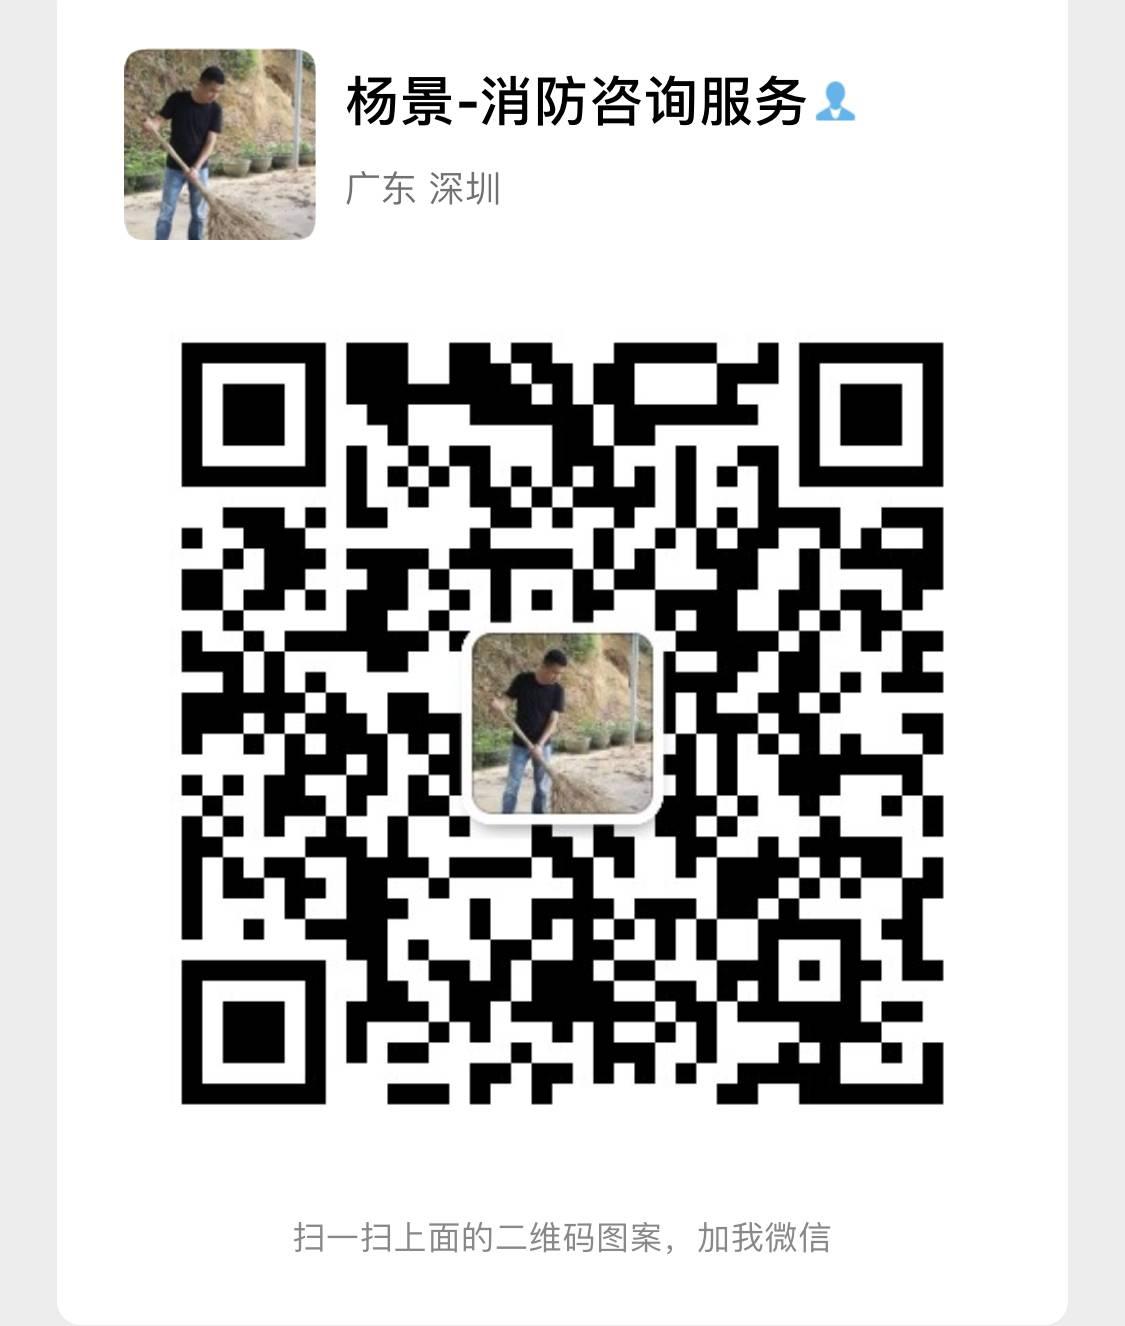 深圳消防維保